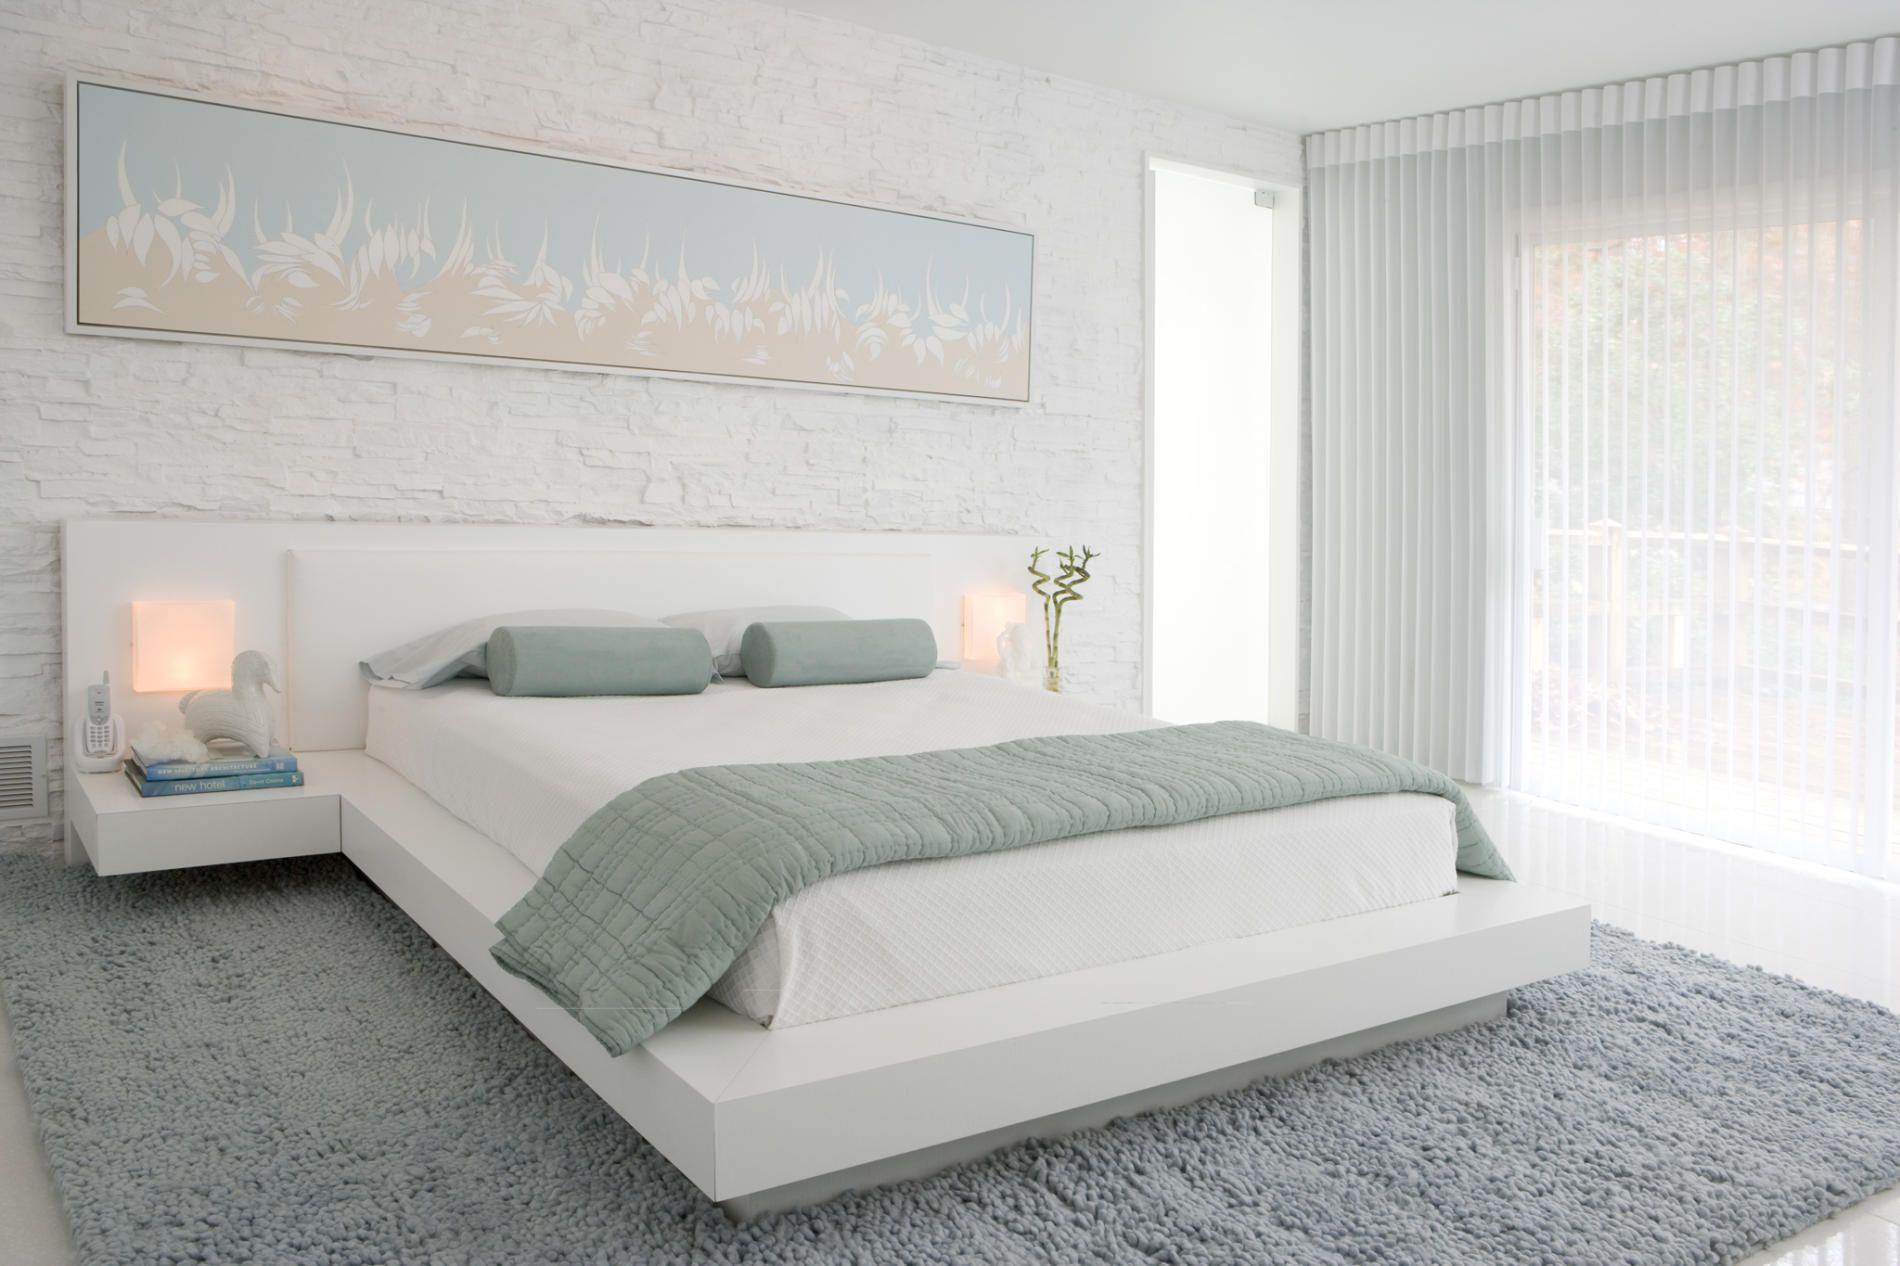 Schlafzimmer Tischleuchten ~ Kleines schlafzimmer helle farben weiß creme tischleuchten